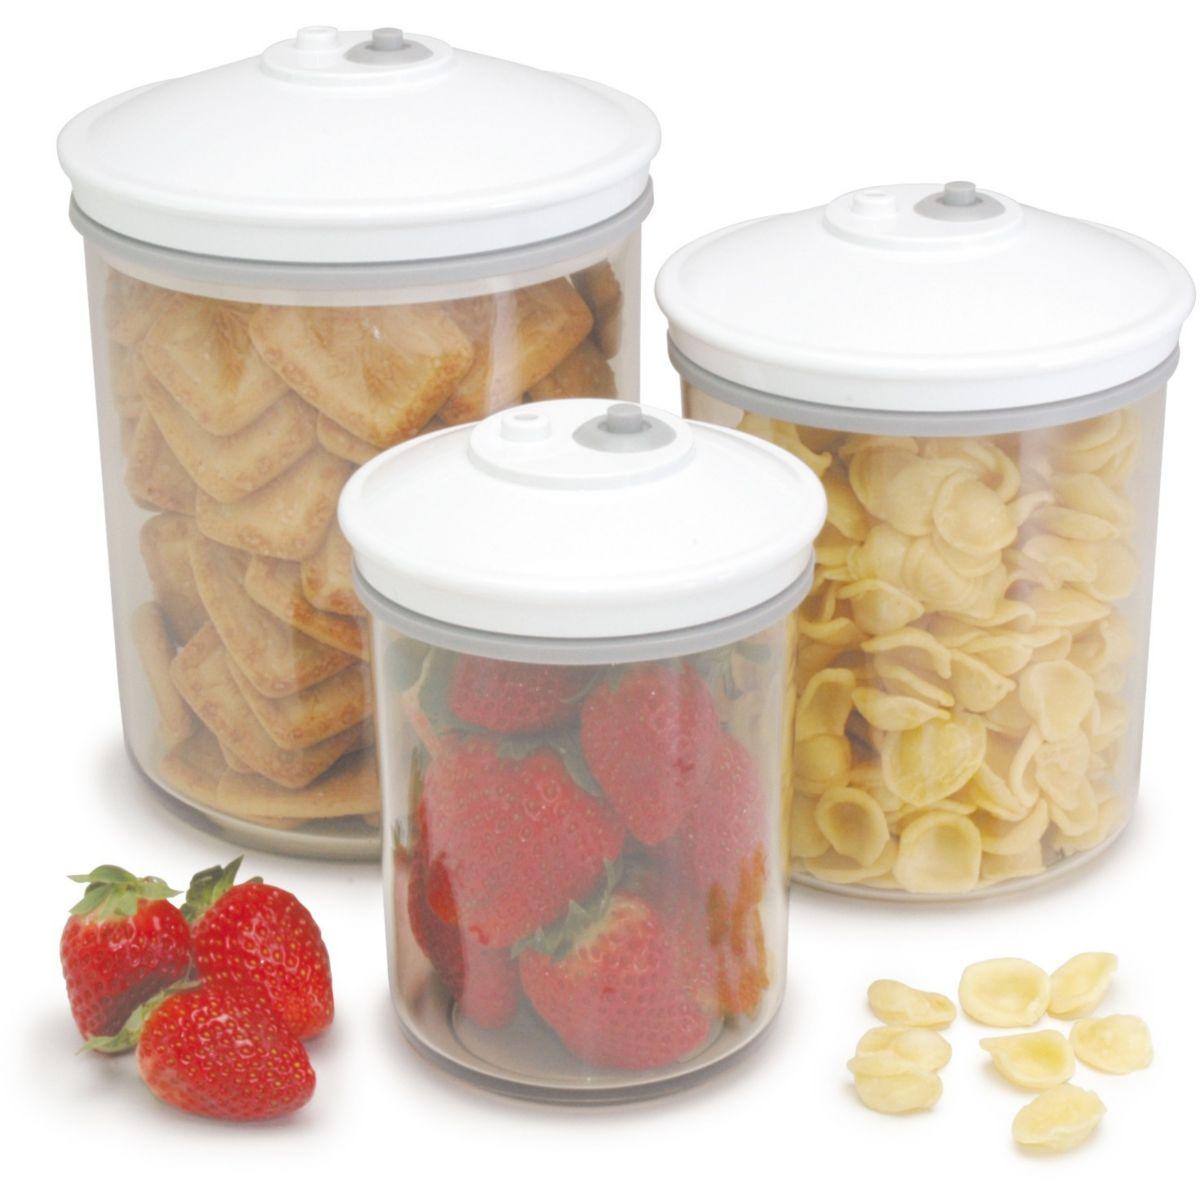 Accessoire food saver lot de 3 bocaux de - produit coup de coeur webdistrib.com ! (photo)